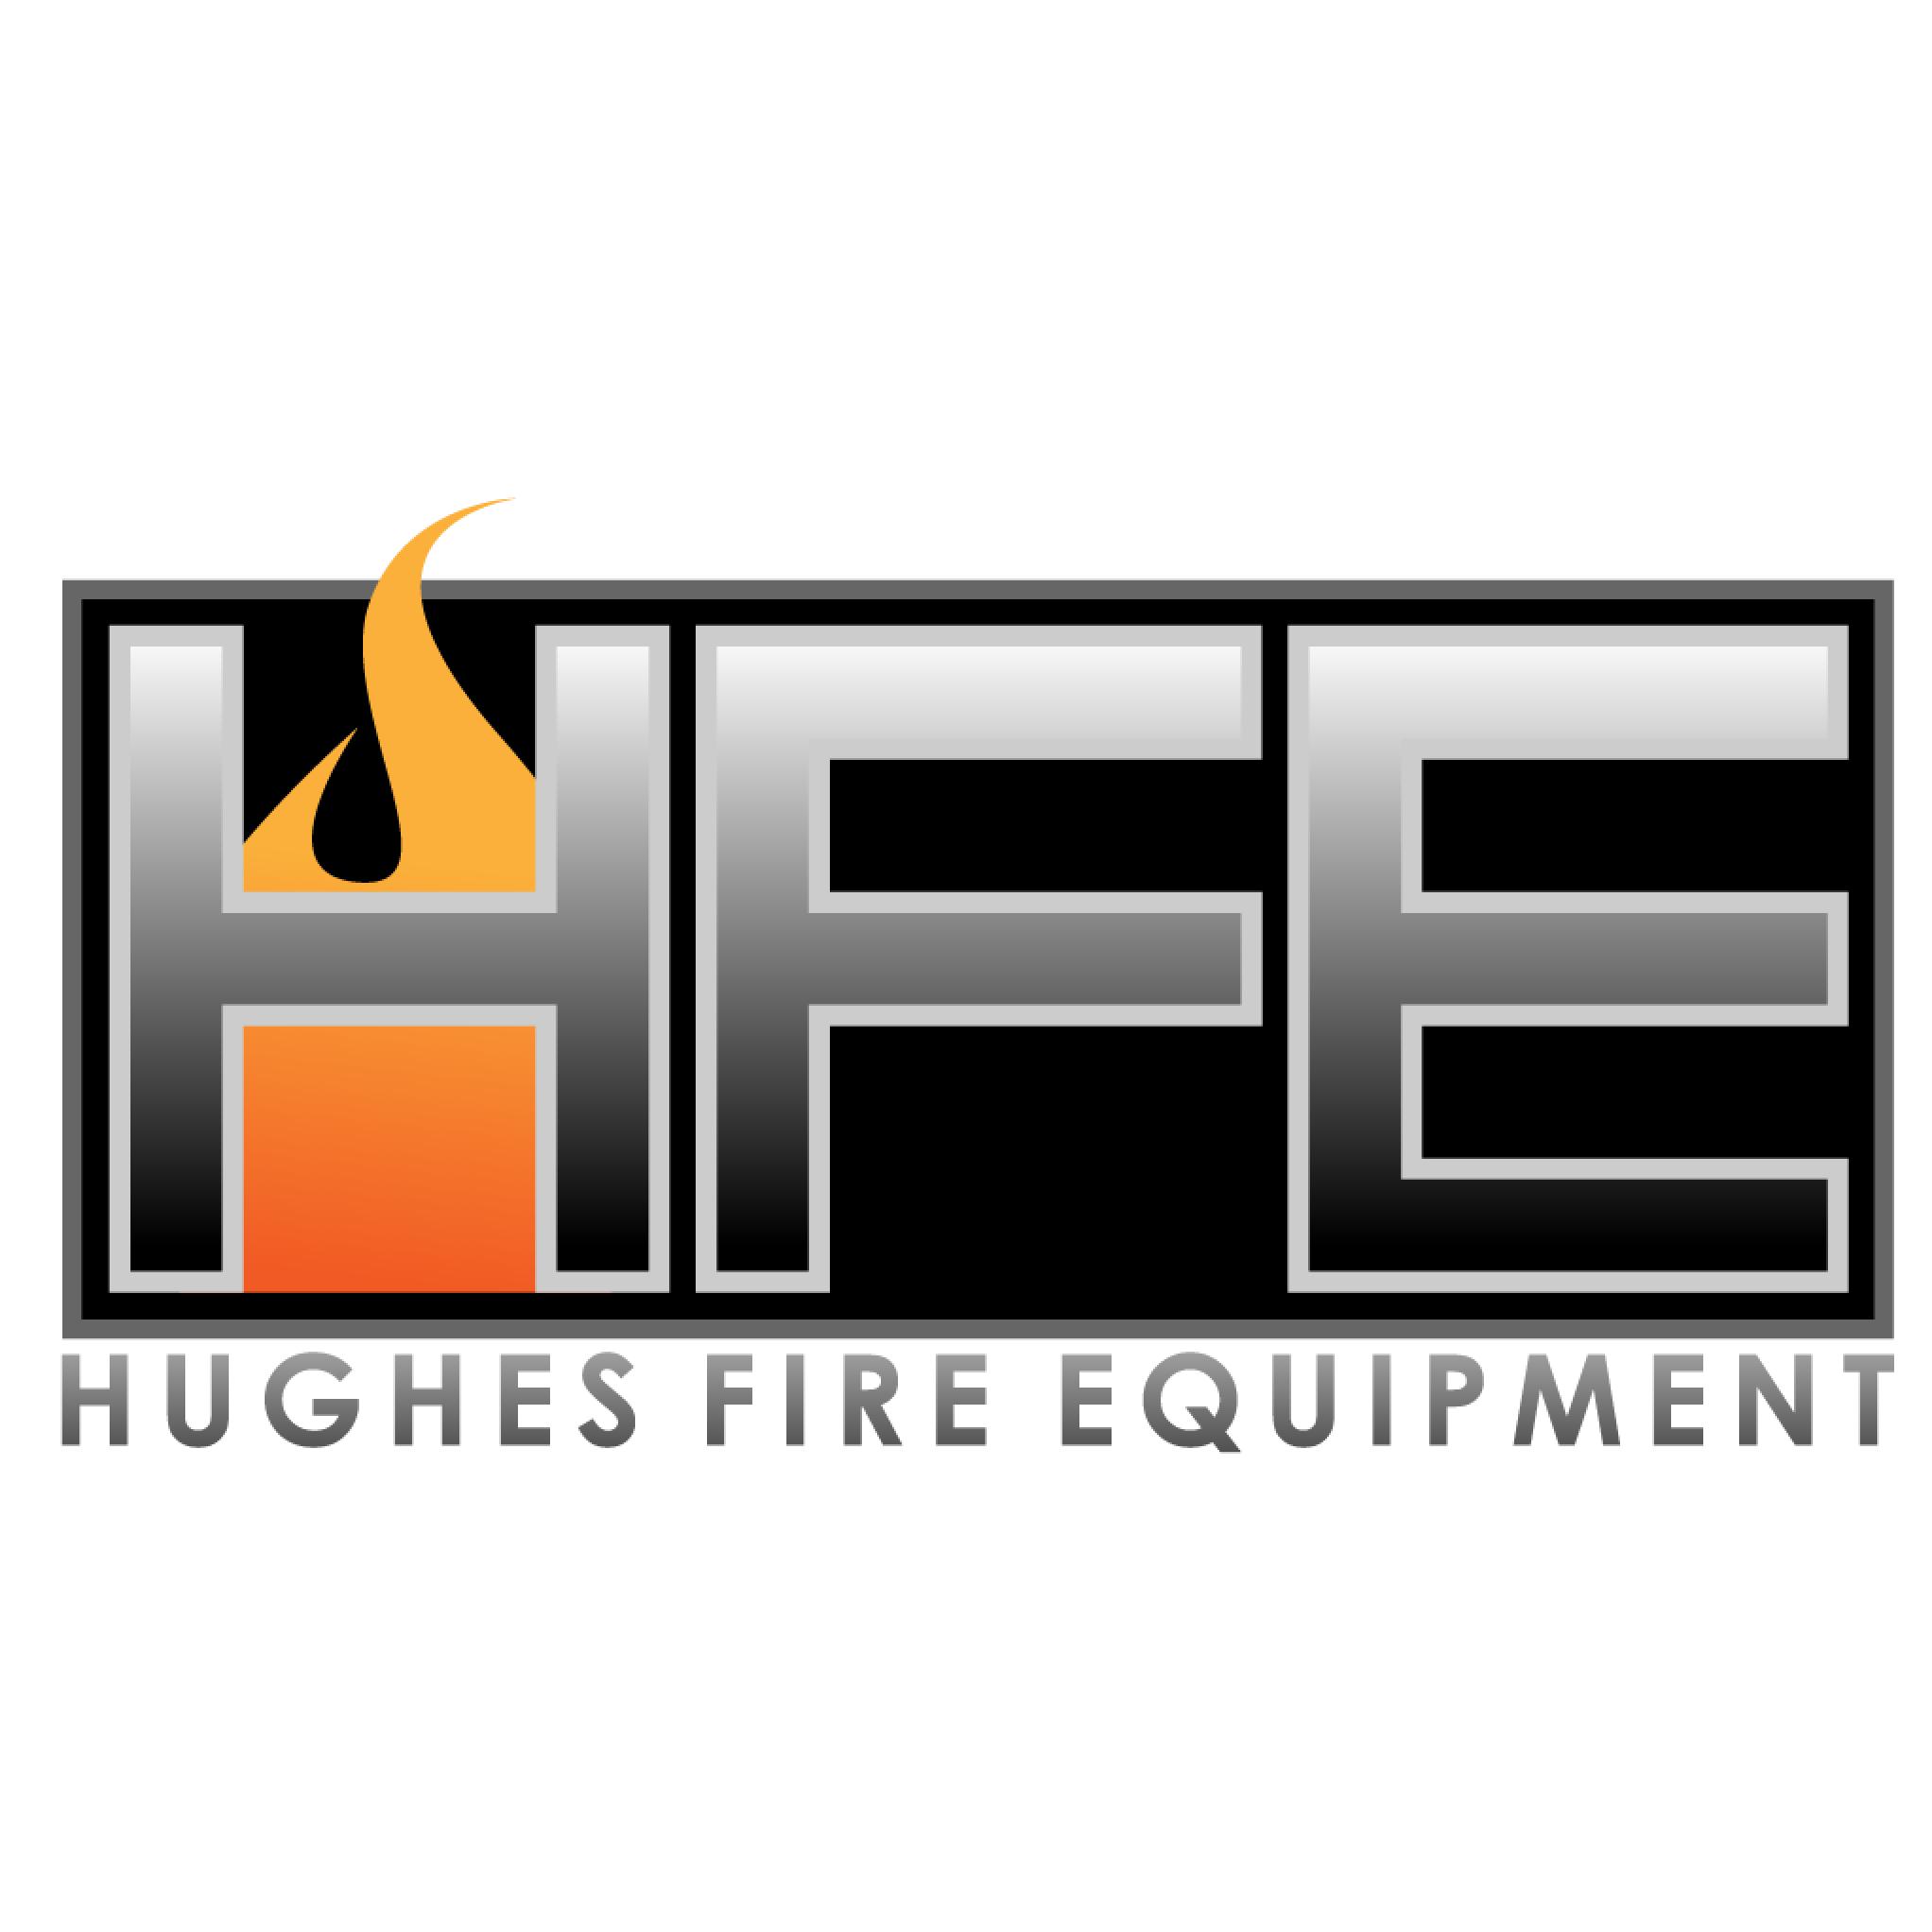 Hughes Fire Equipment